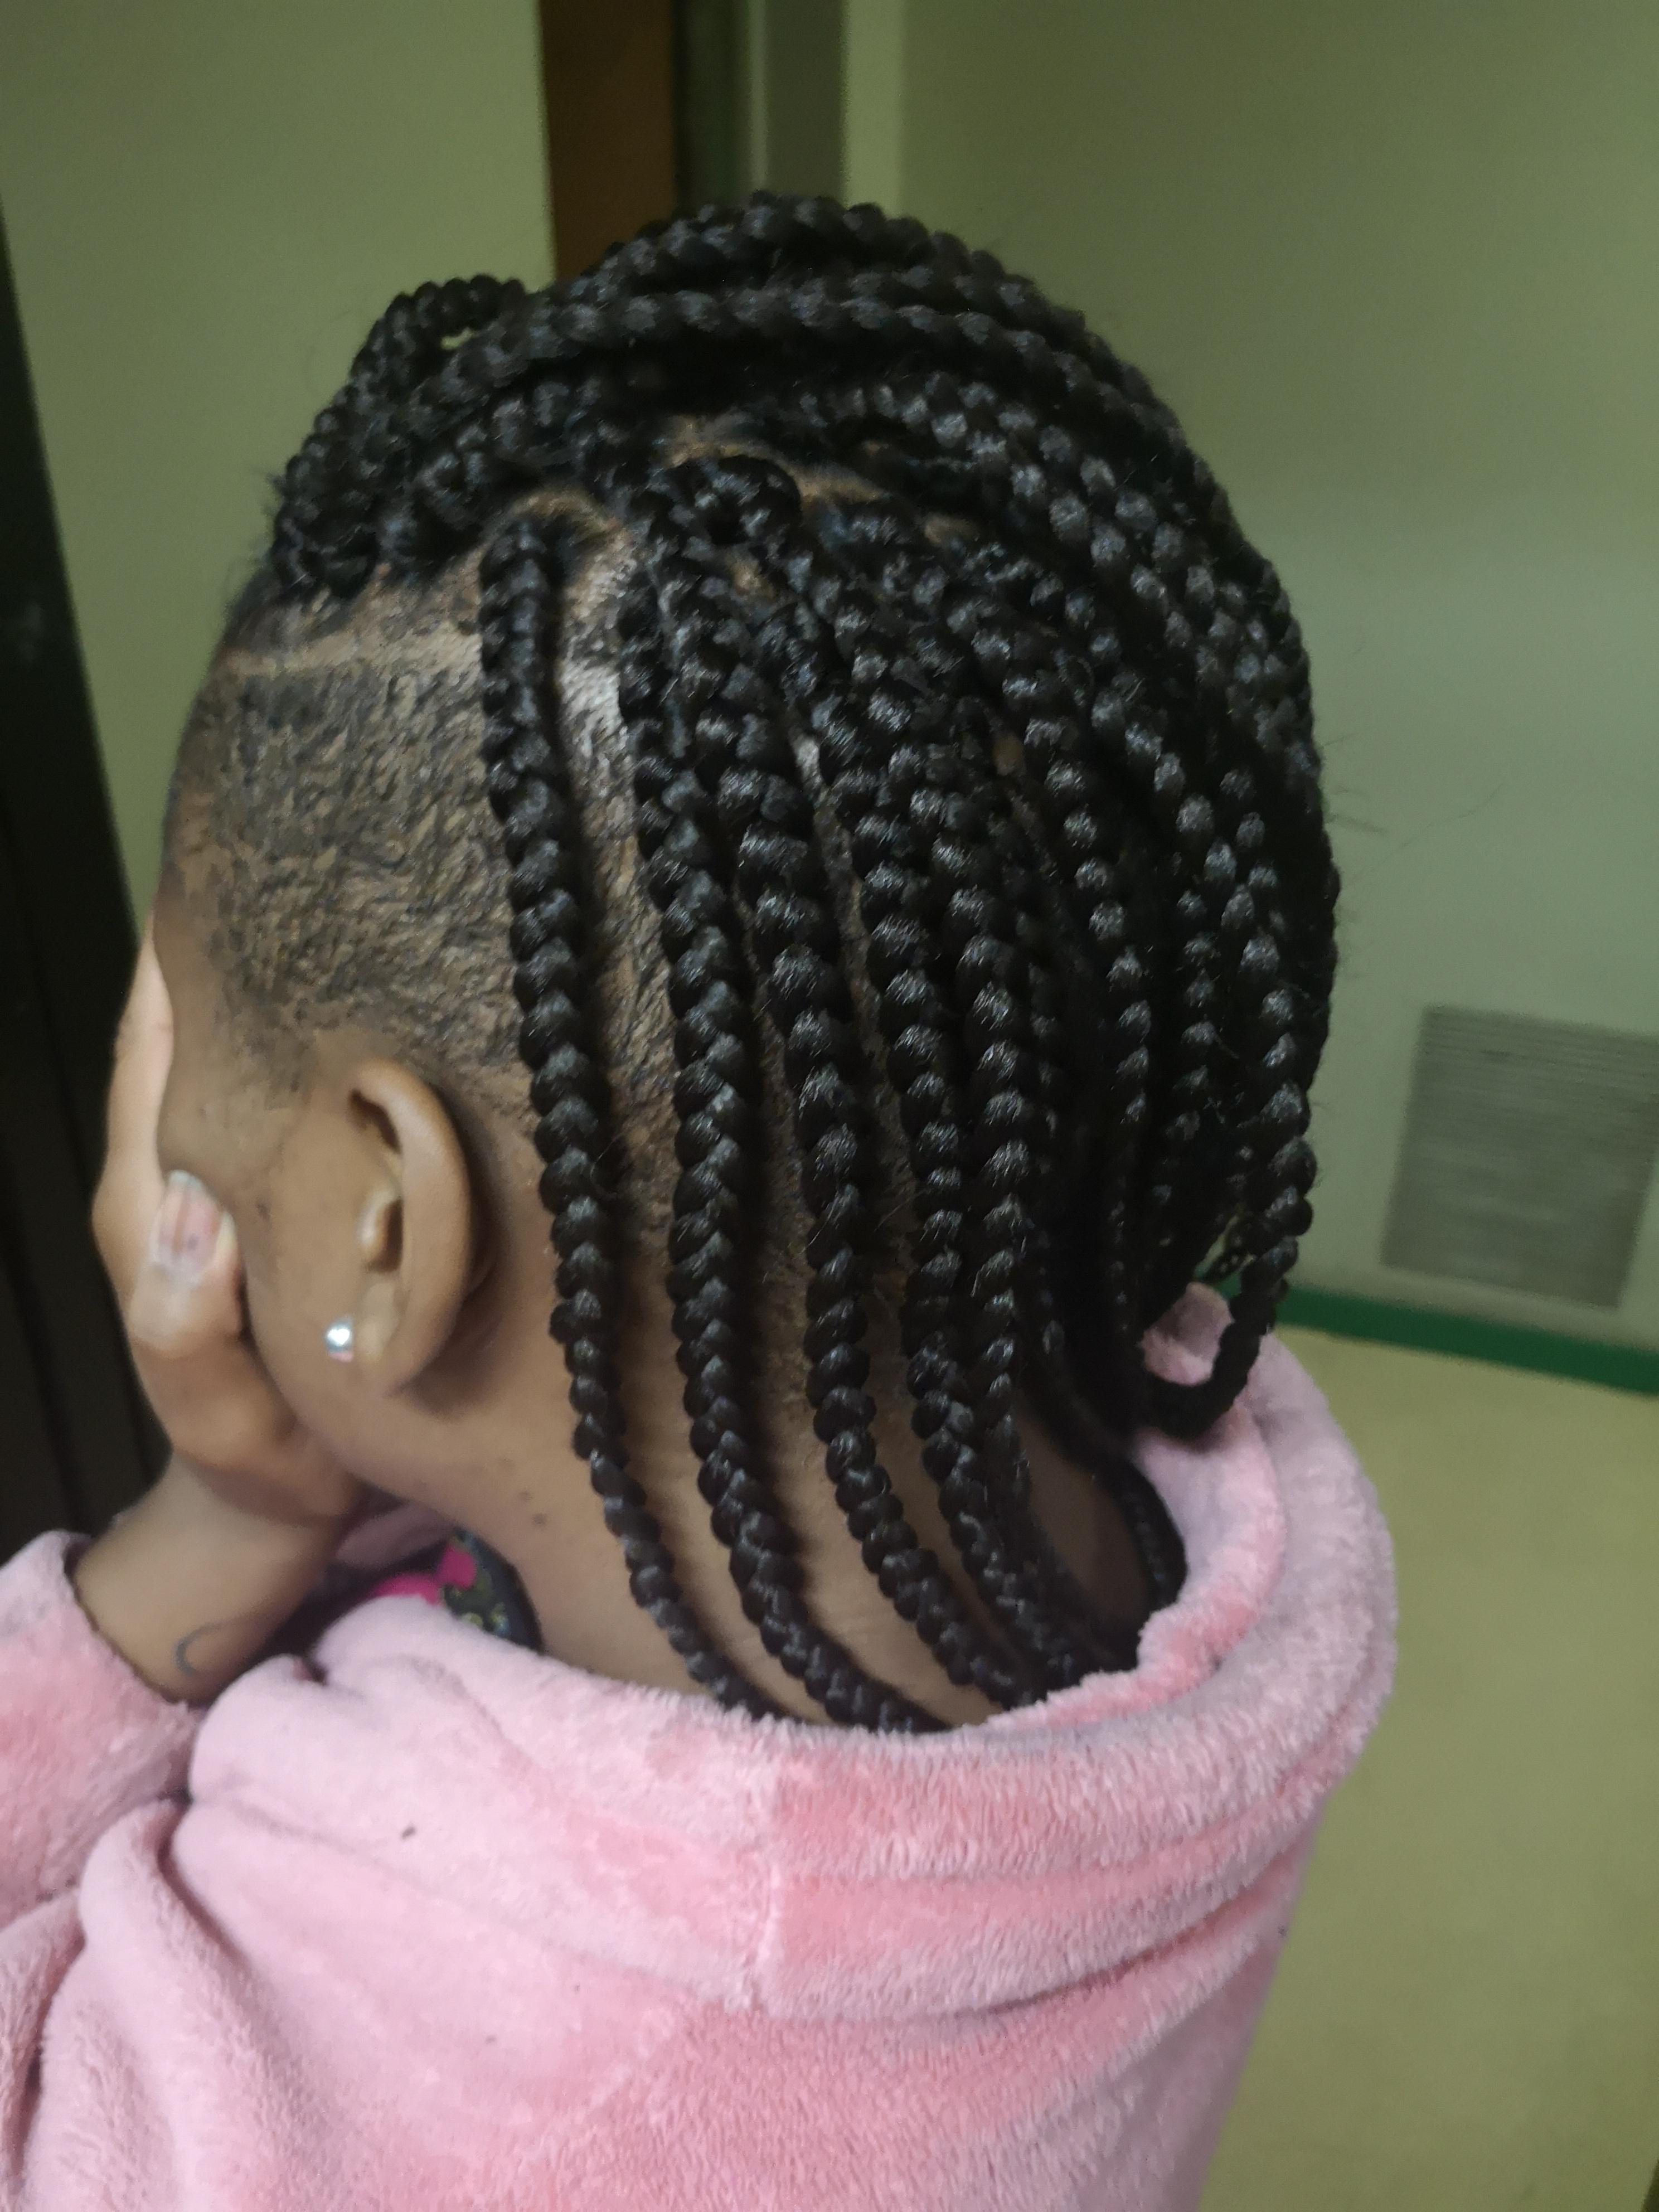 salon de coiffure afro tresse tresses box braids crochet braids vanilles tissages paris 75 77 78 91 92 93 94 95 PXGEORLE